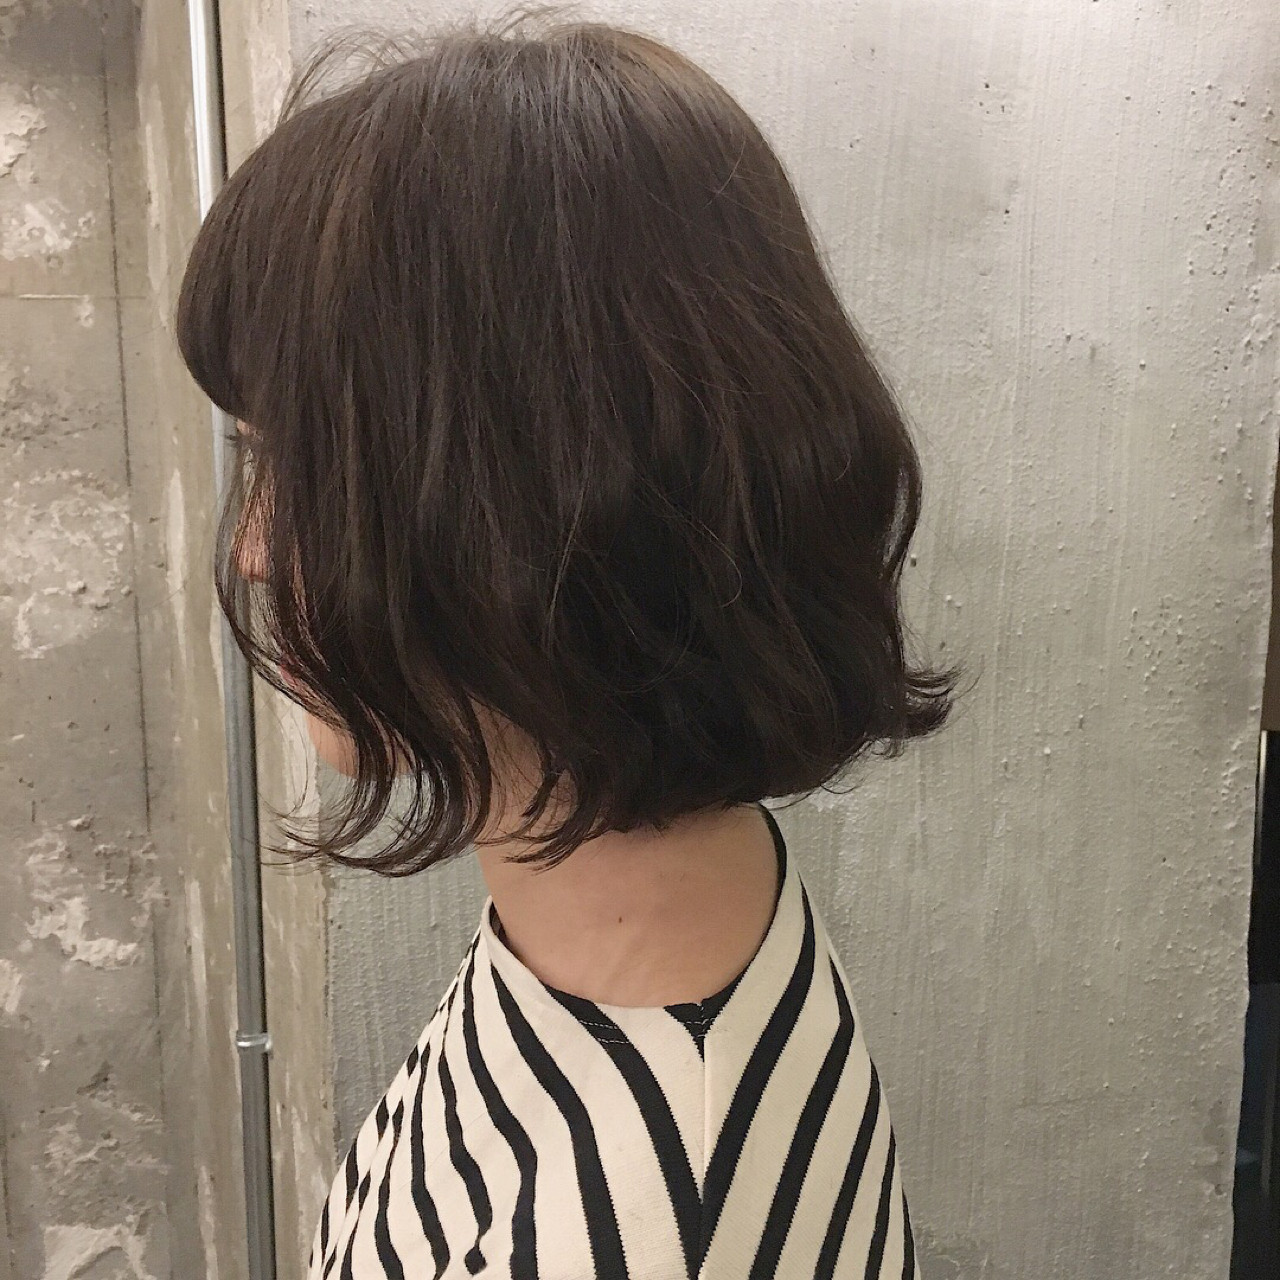 ナチュラル 黒髪 ボブ こなれ感 ヘアスタイルや髪型の写真・画像 | 冨永 真太郎 / 人トナリ